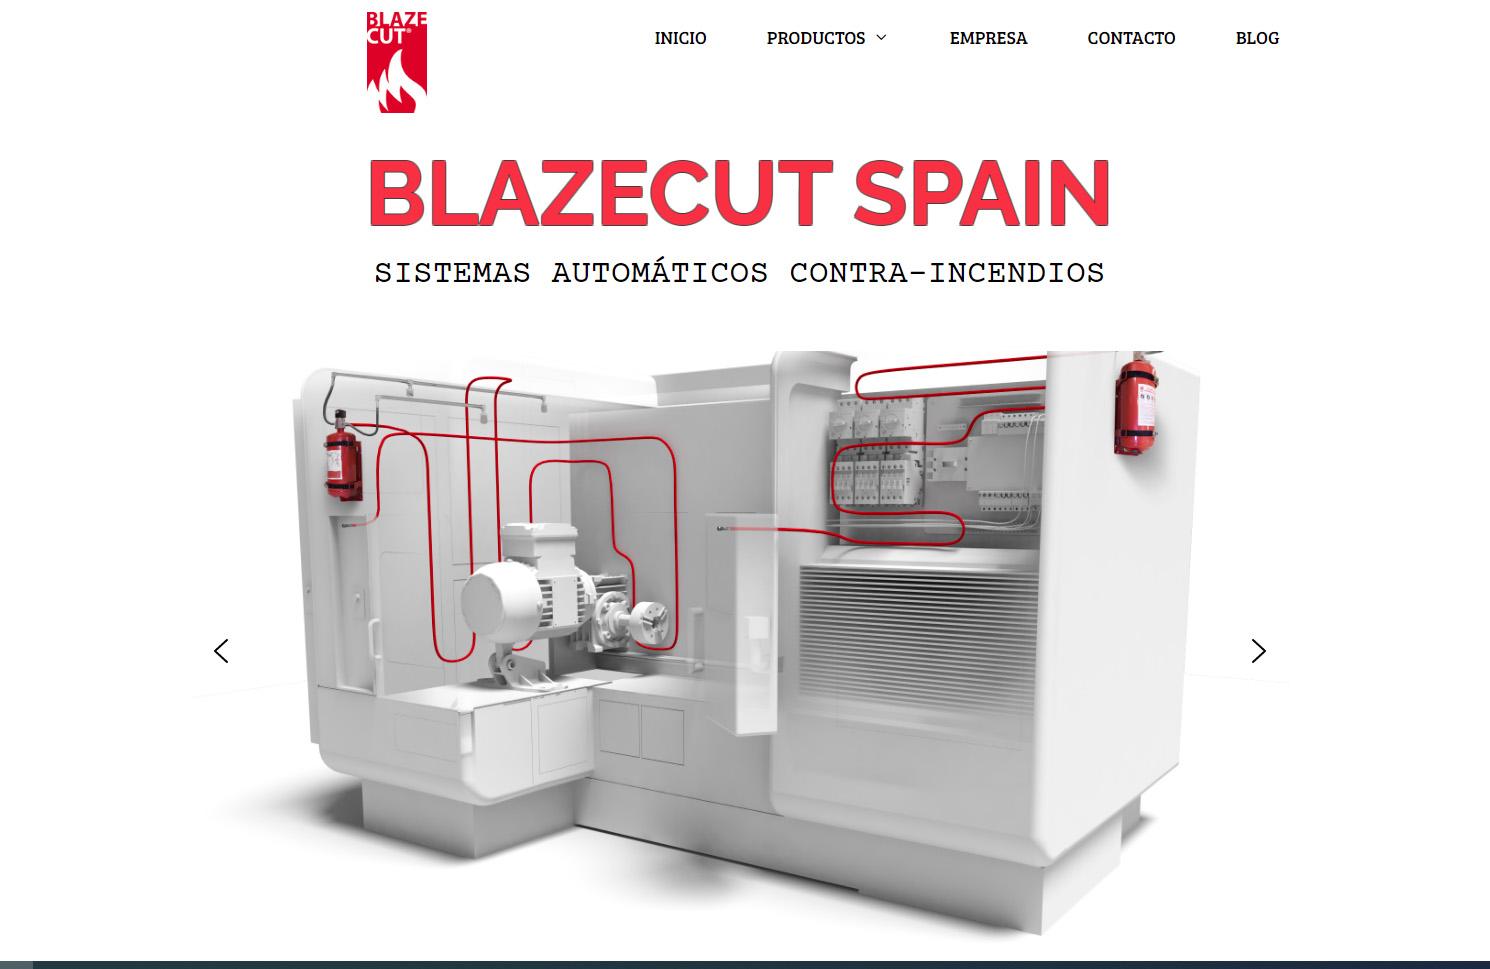 Blazecut Spain